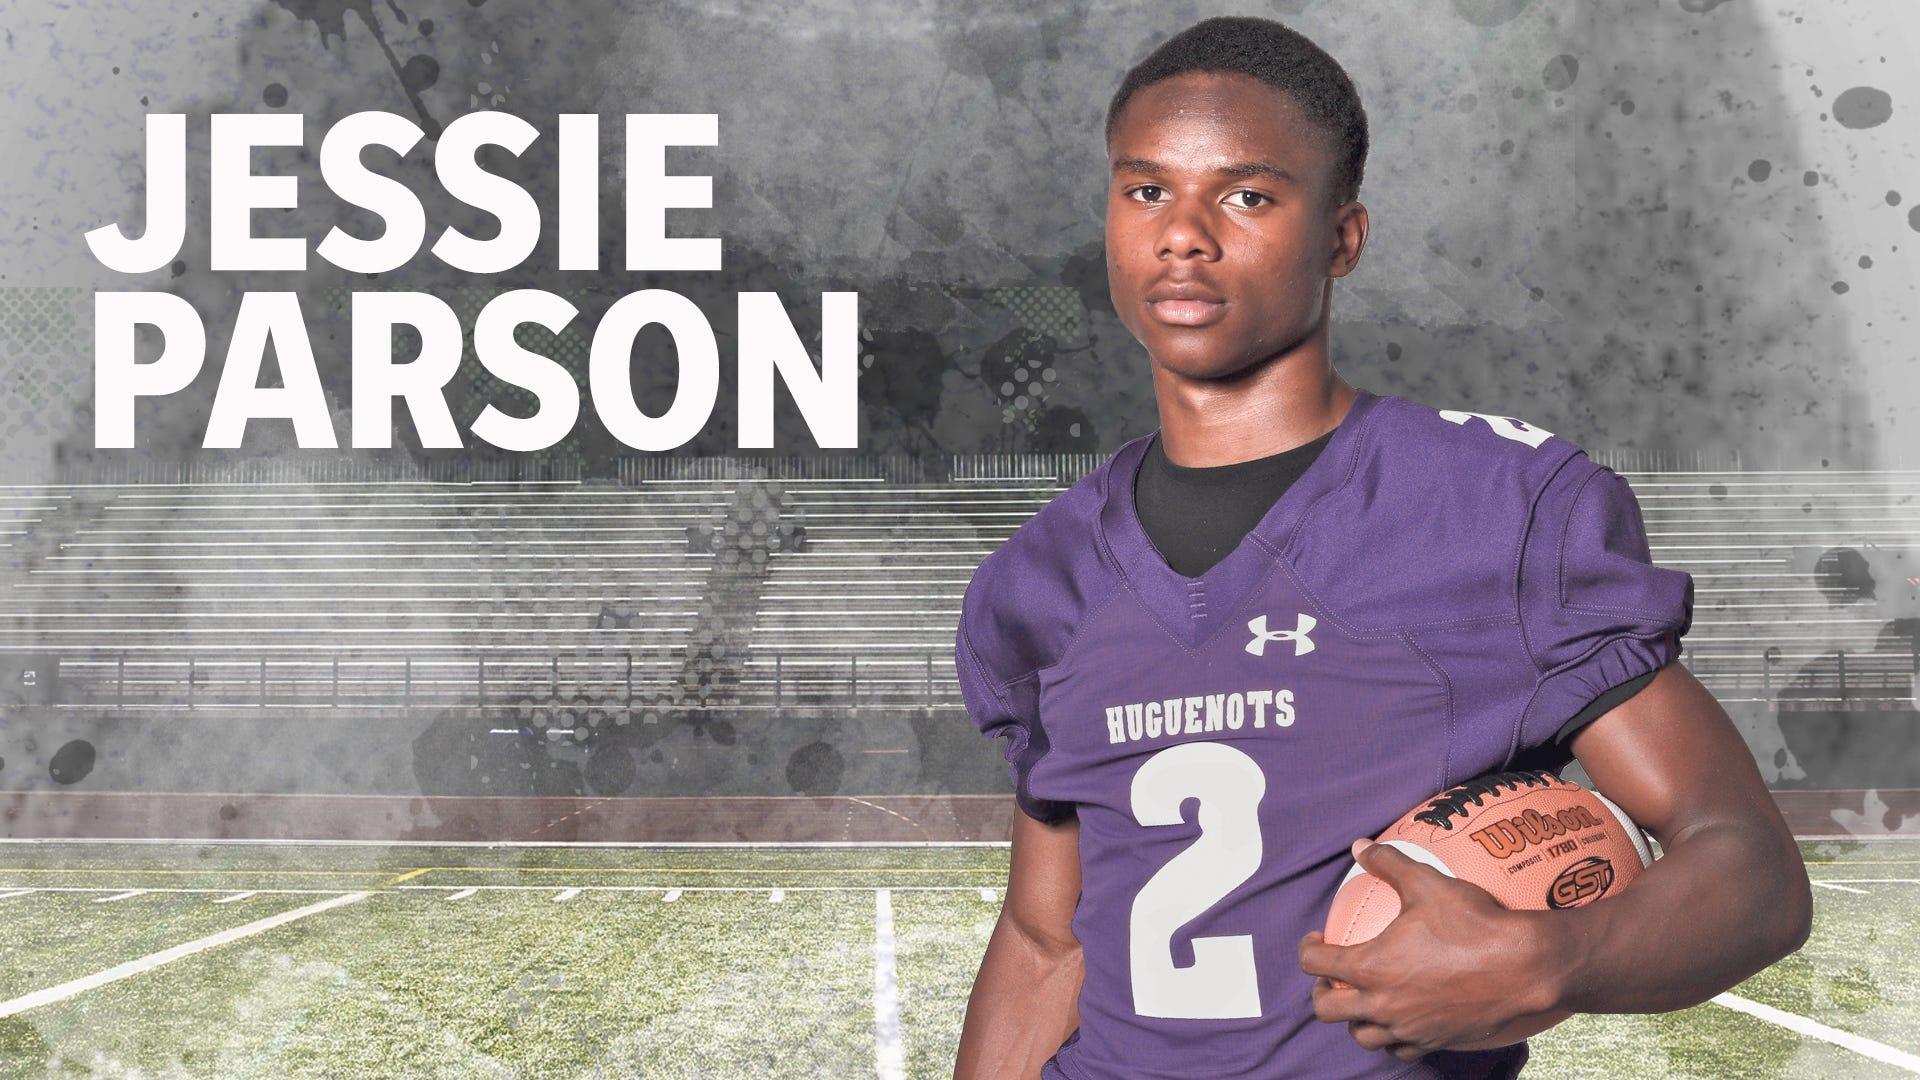 Jessie Parson